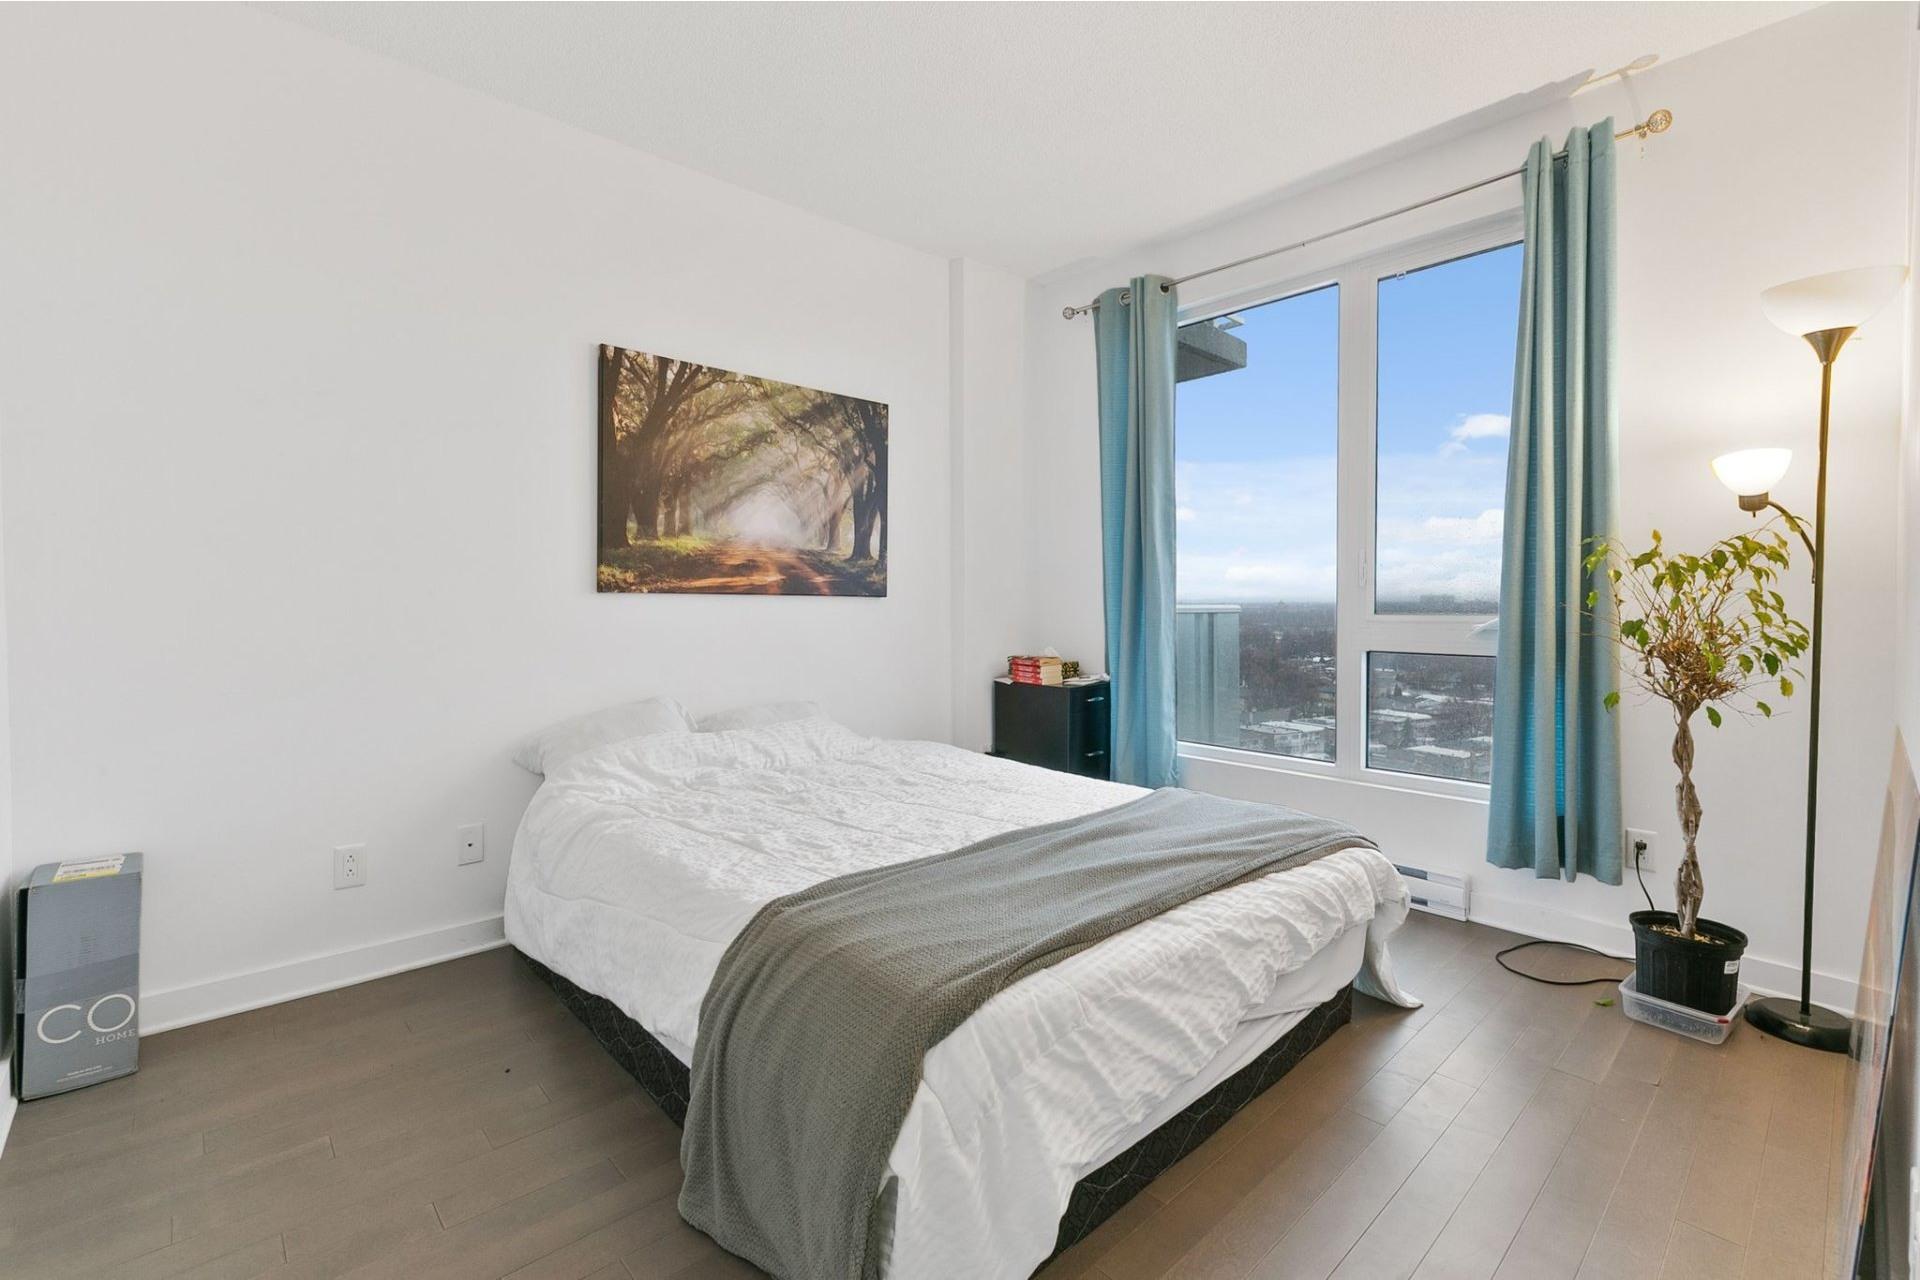 image 6 - Appartement À louer Ahuntsic-Cartierville Montréal  - 4 pièces